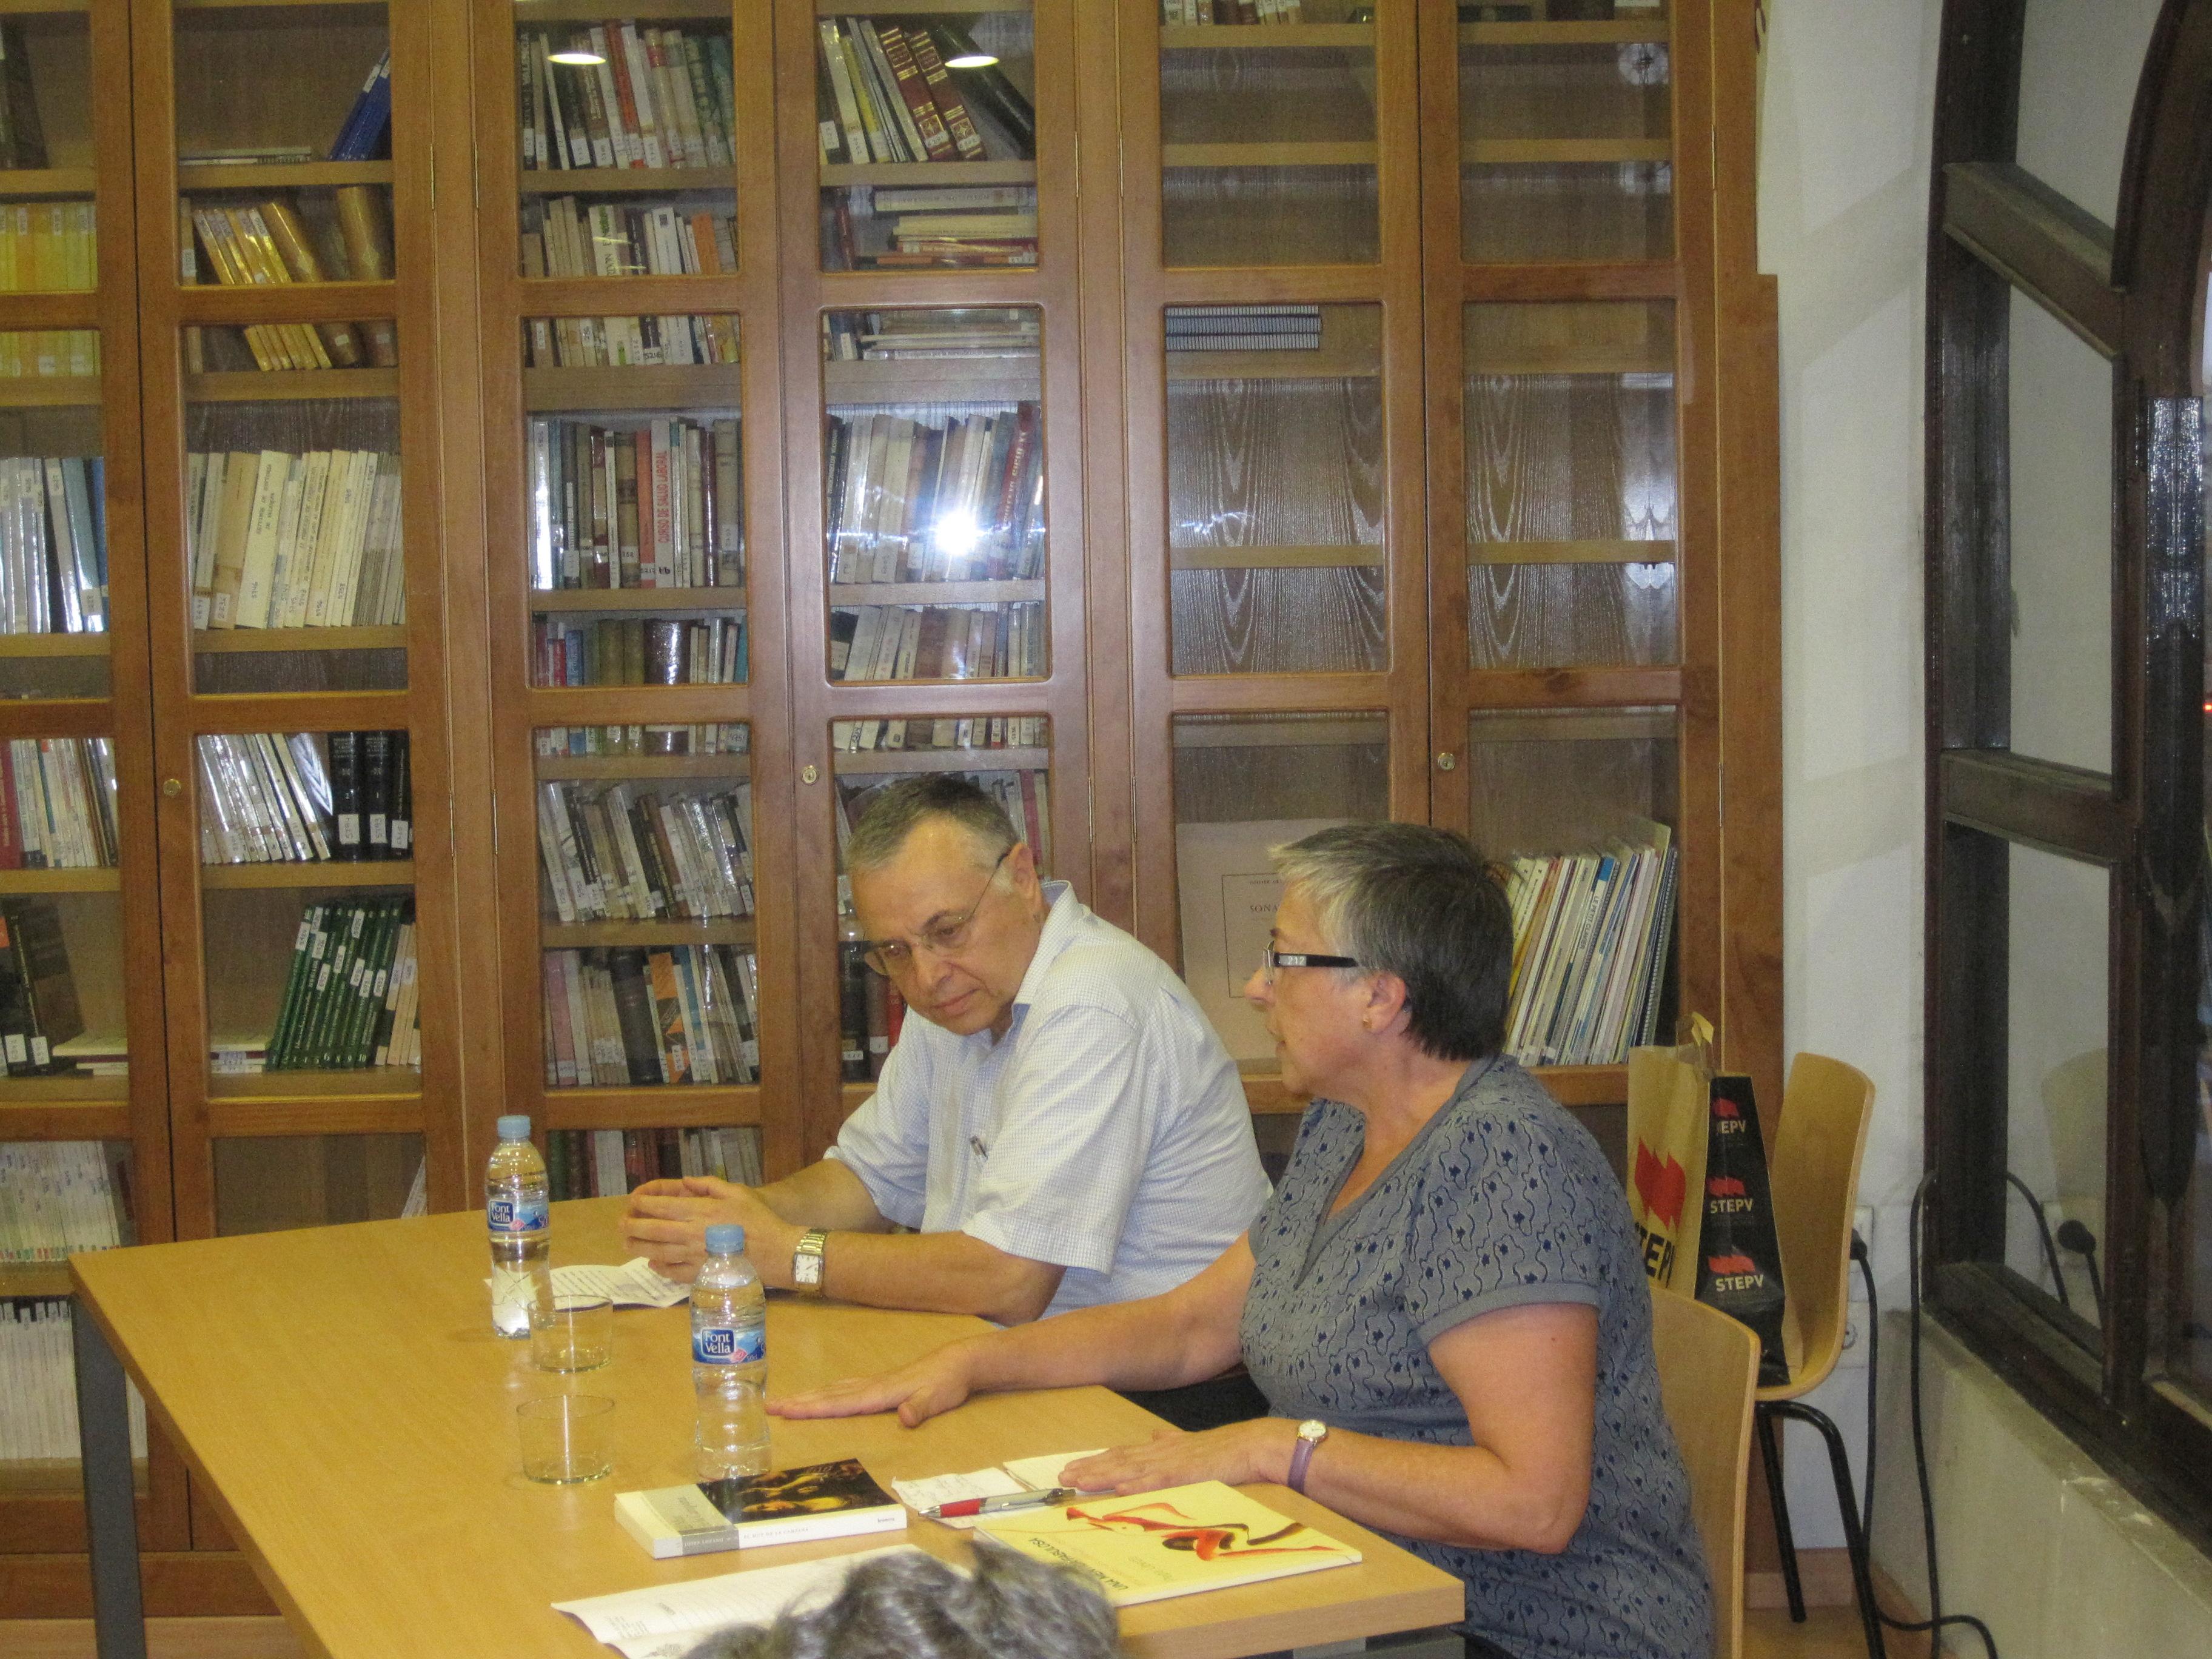 Un moment de la presentació de Josep Lozano. Fotos: Pepa Úbeda i Ismael Vallès.